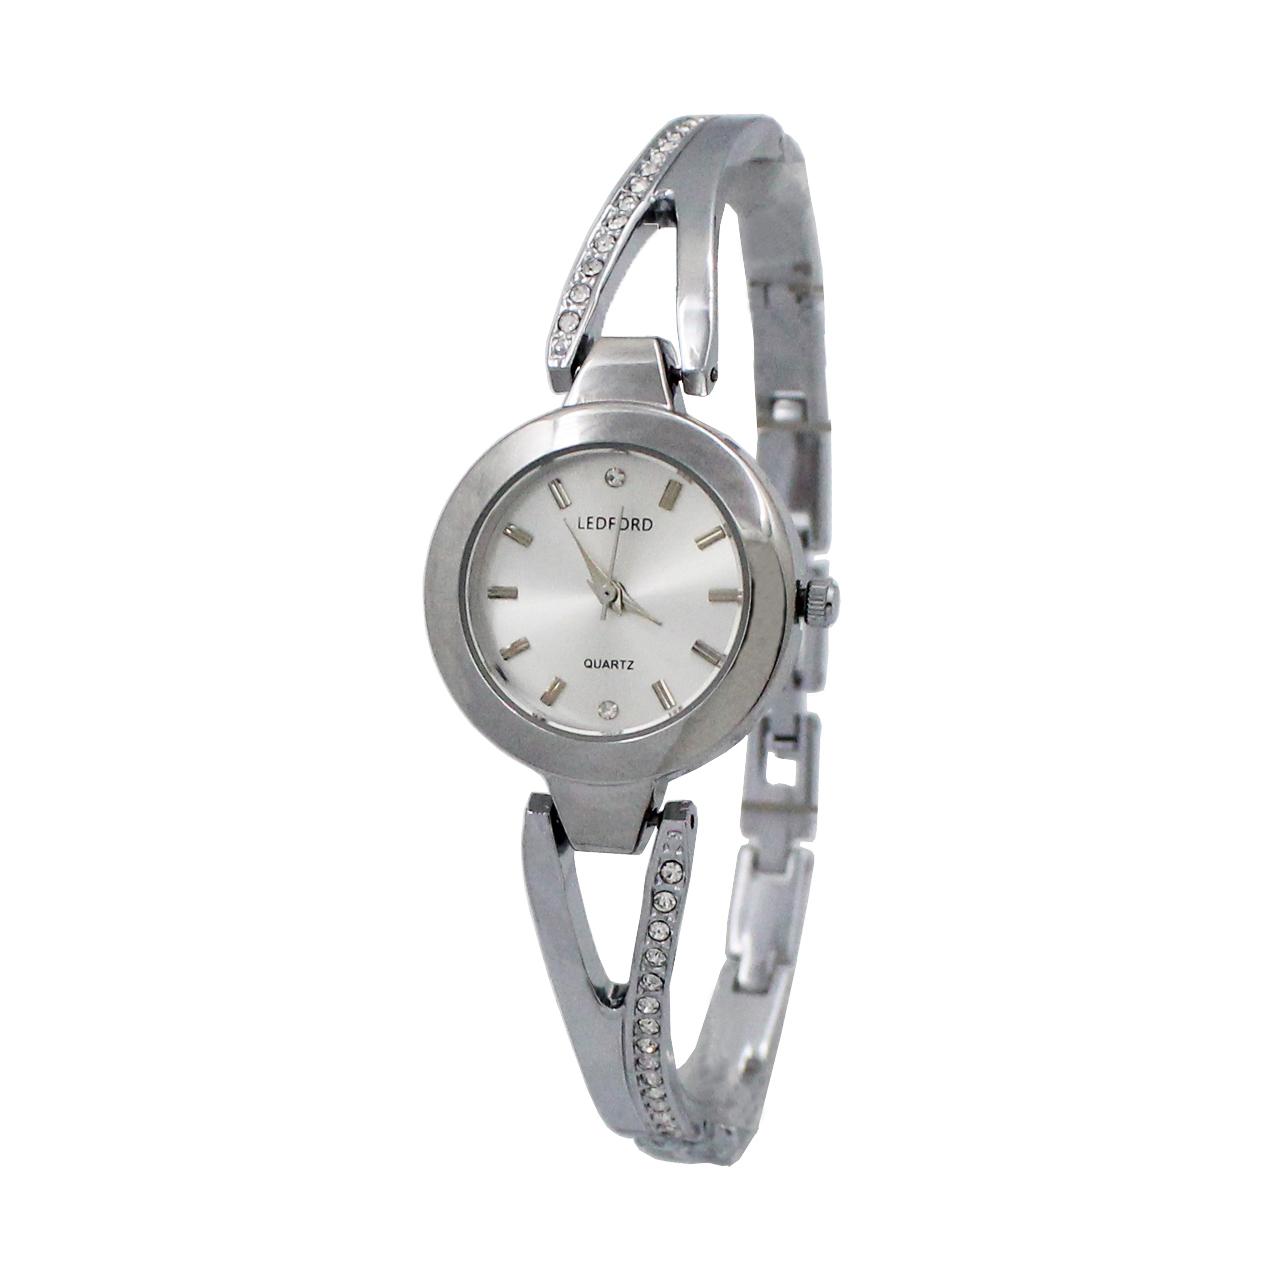 ساعت مچی عقربه ای زنانه لدفورد مدل DGZU-0165 24